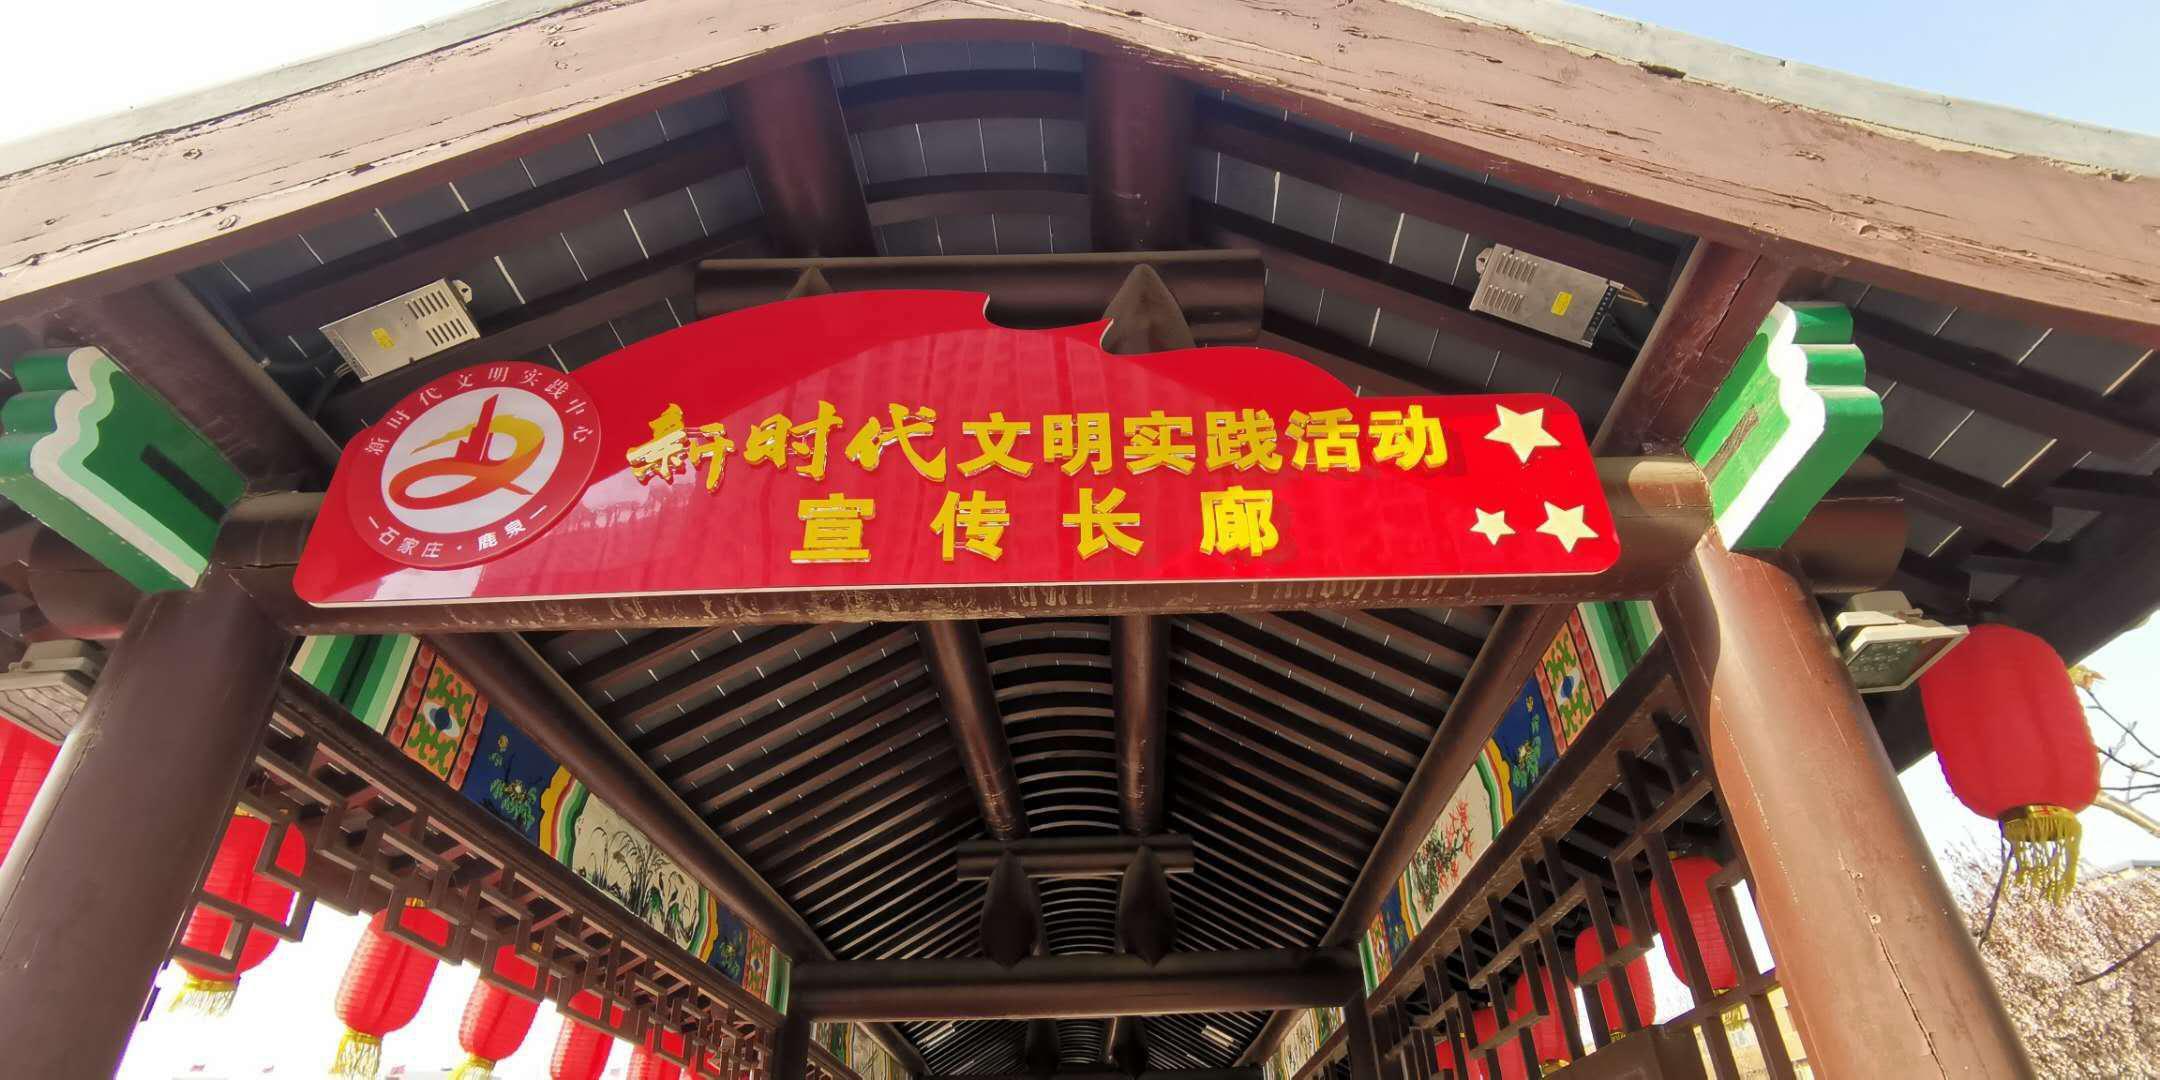 石家庄村委会文化墙 宣传长廊